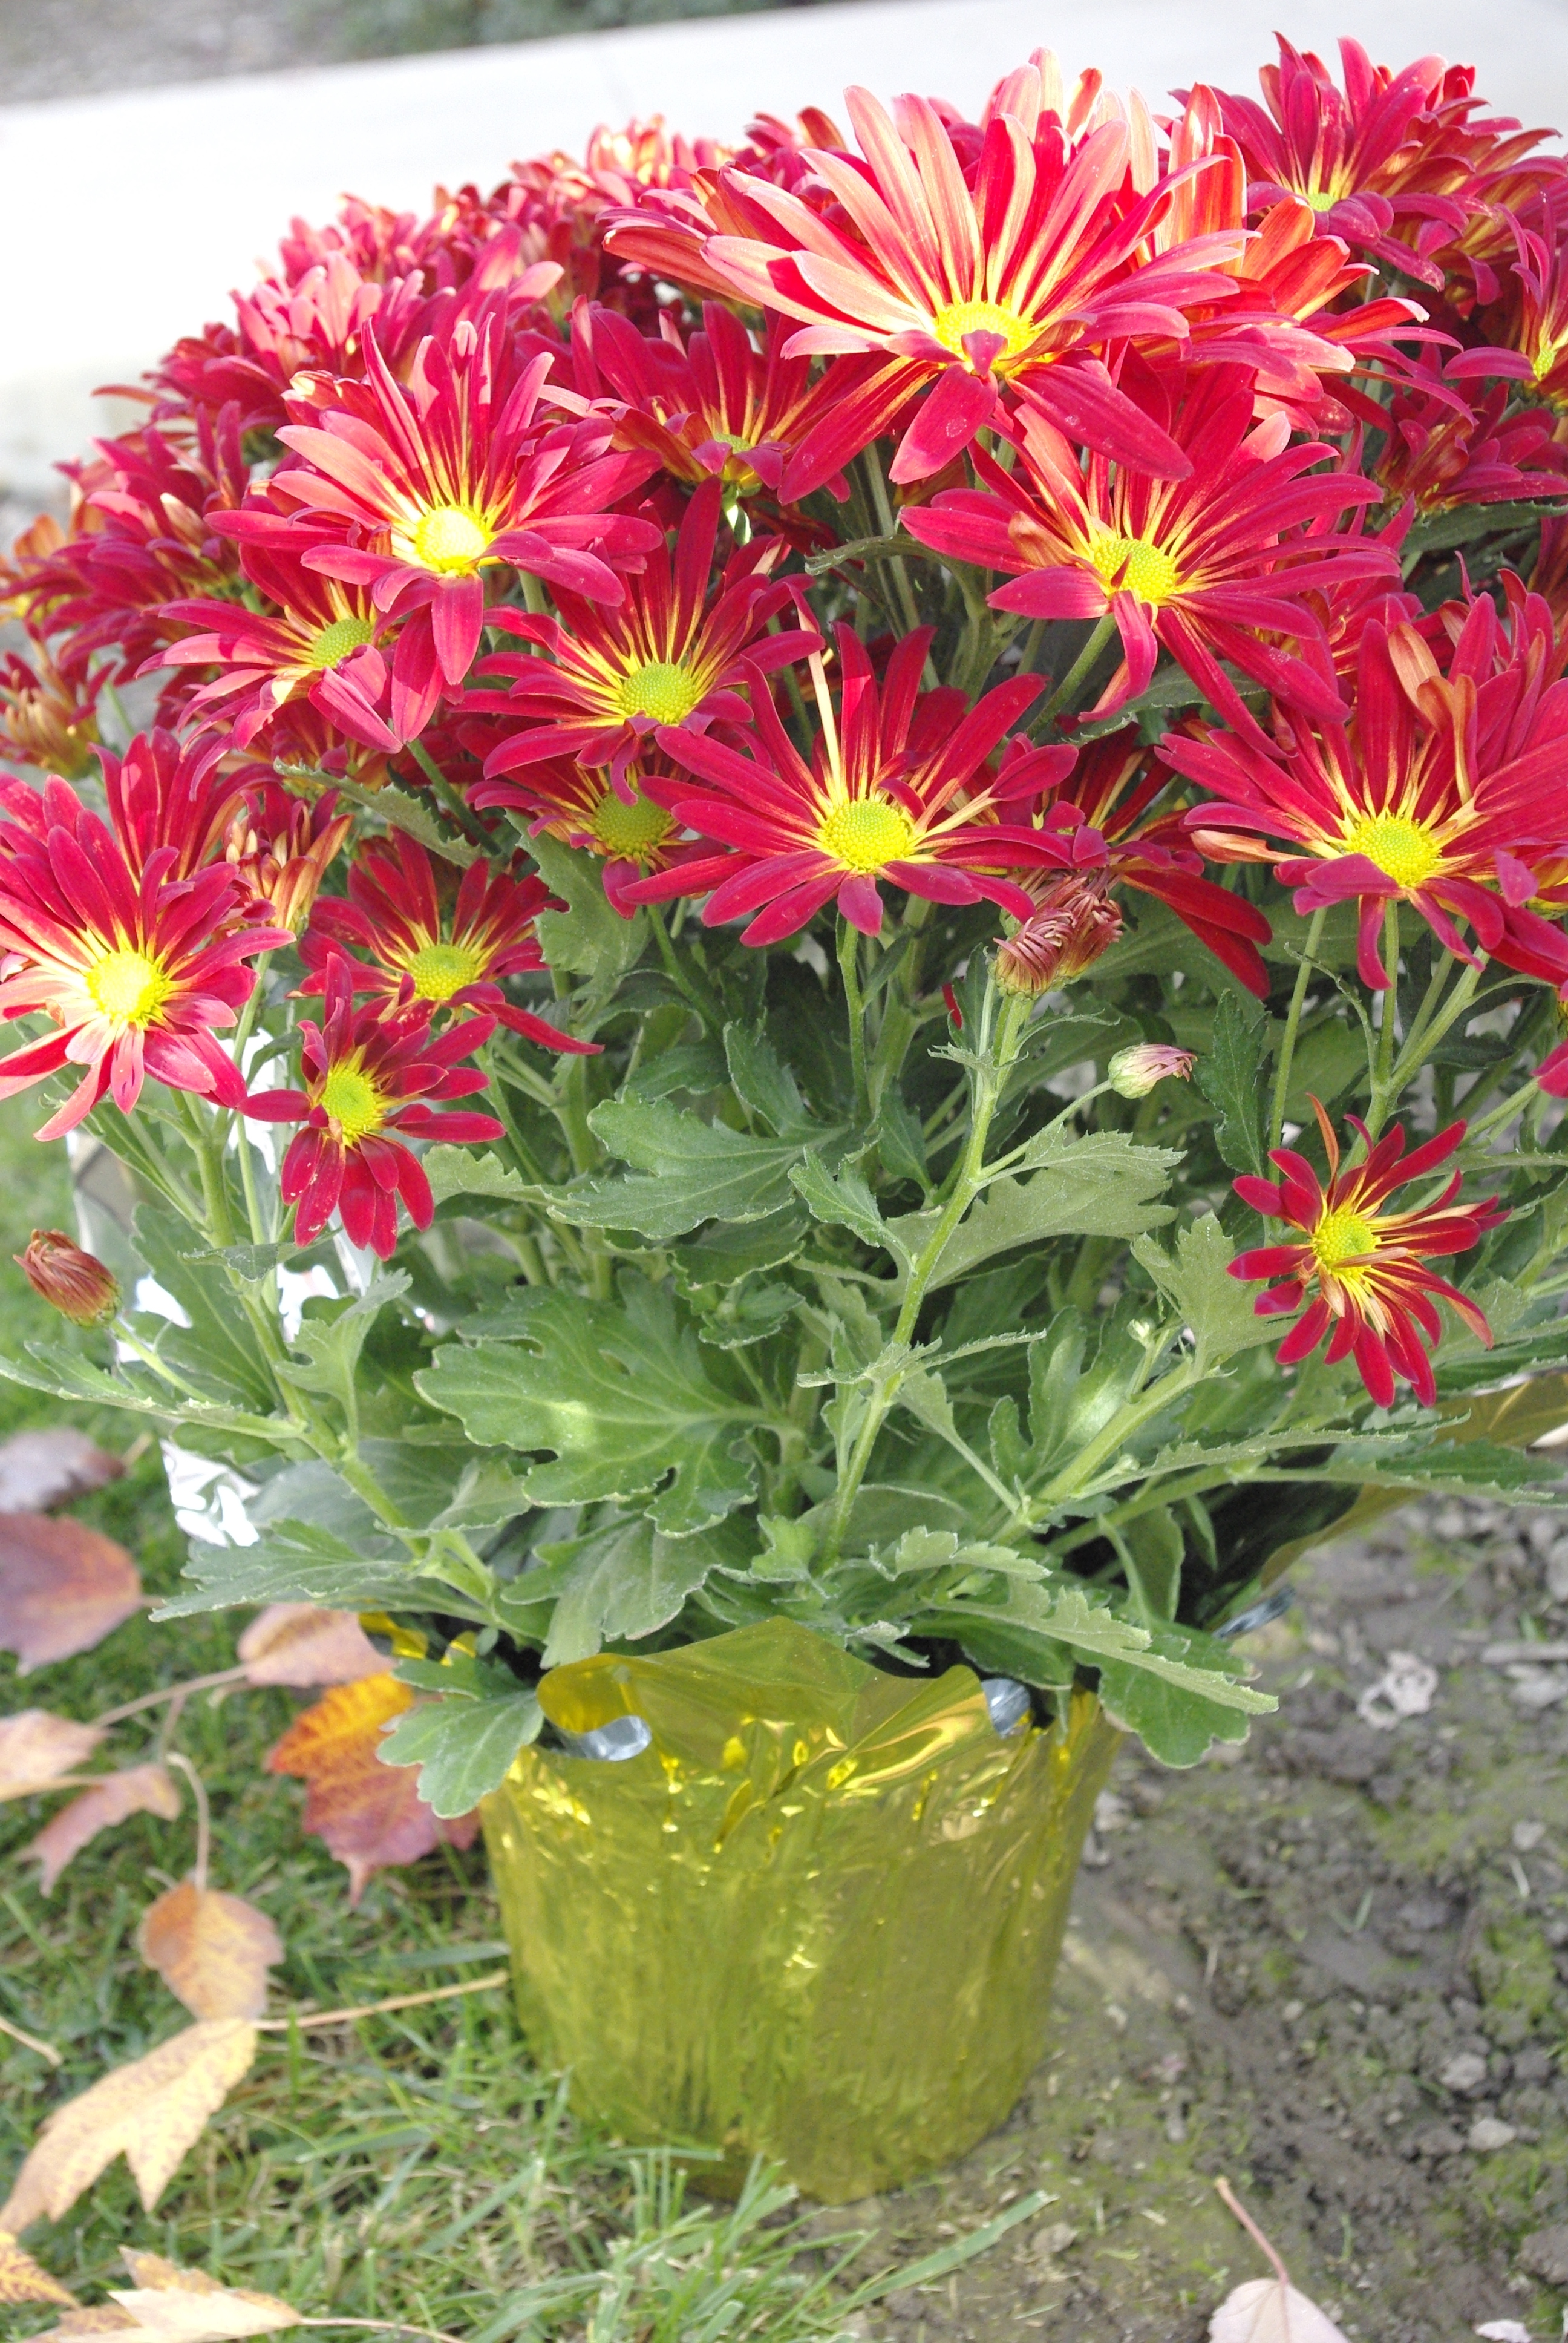 Chrysanthemum plant